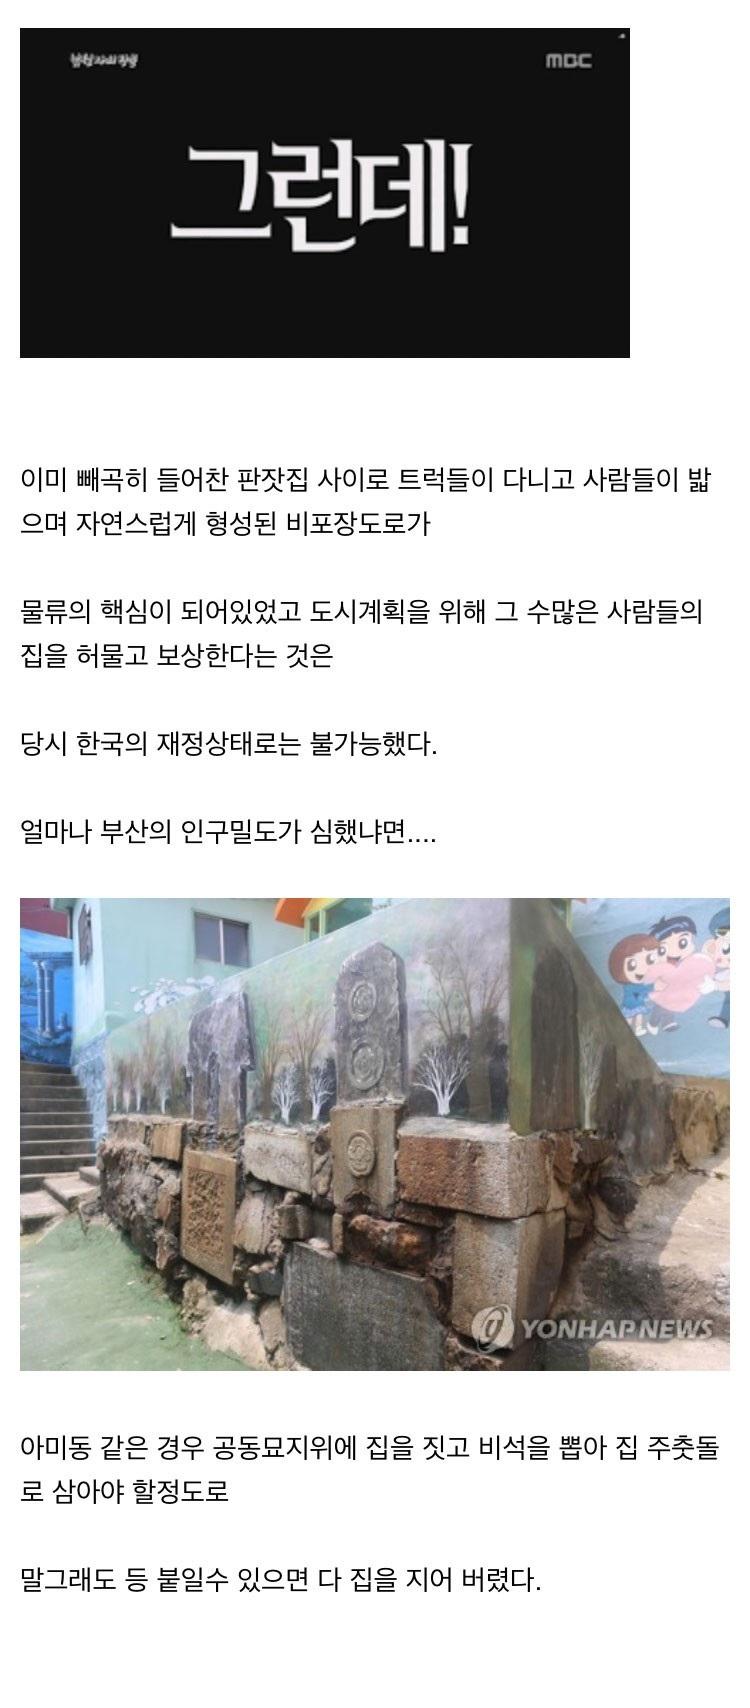 부산 헬도로 도로정책 변화